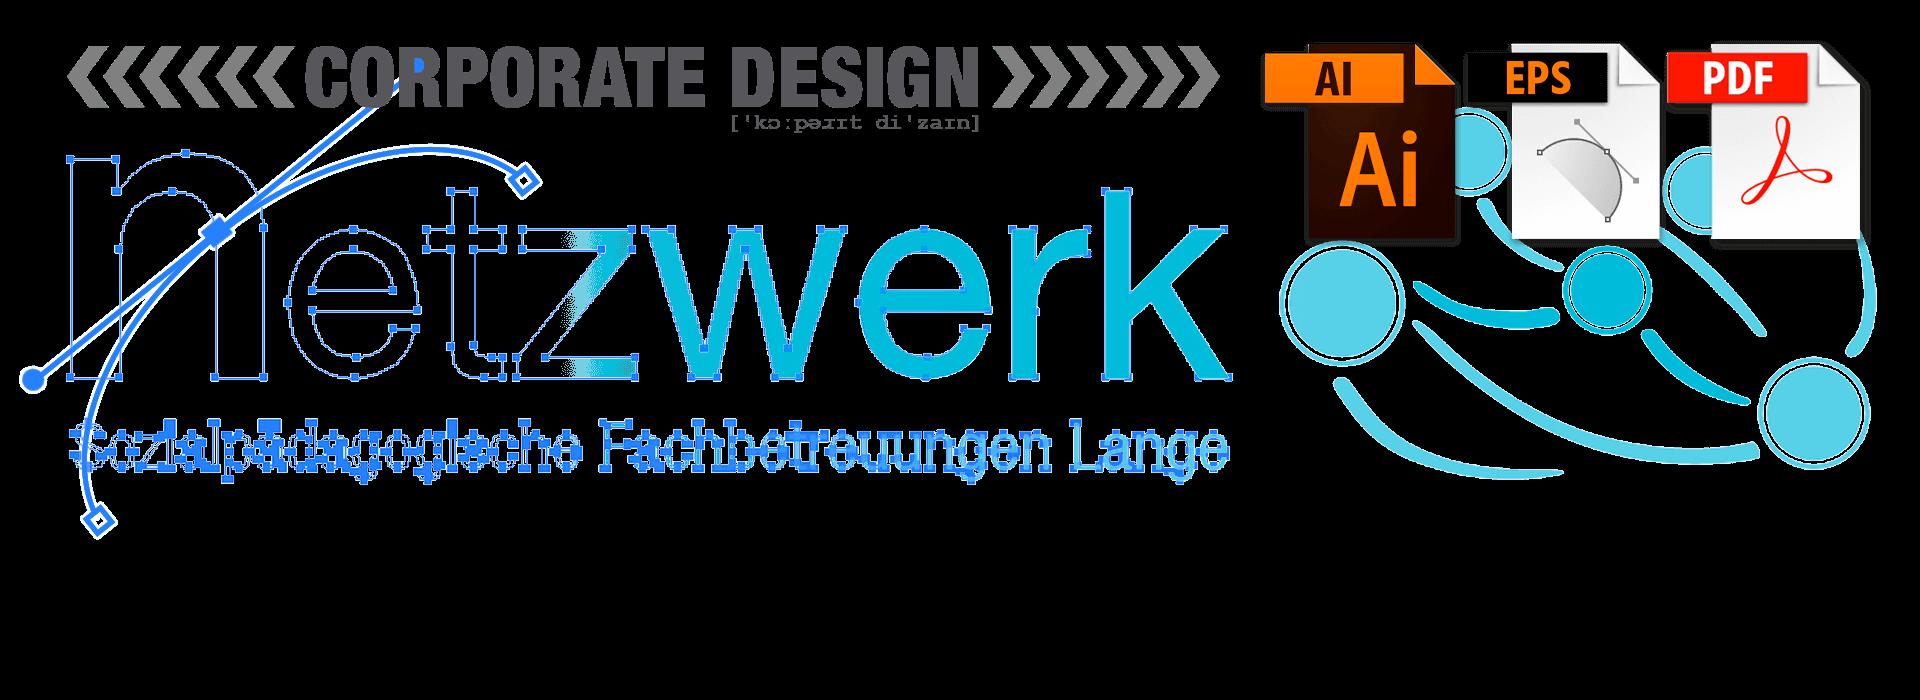 Titelbild-Logogestaltung-netzwerk-kleve-dennis-lange